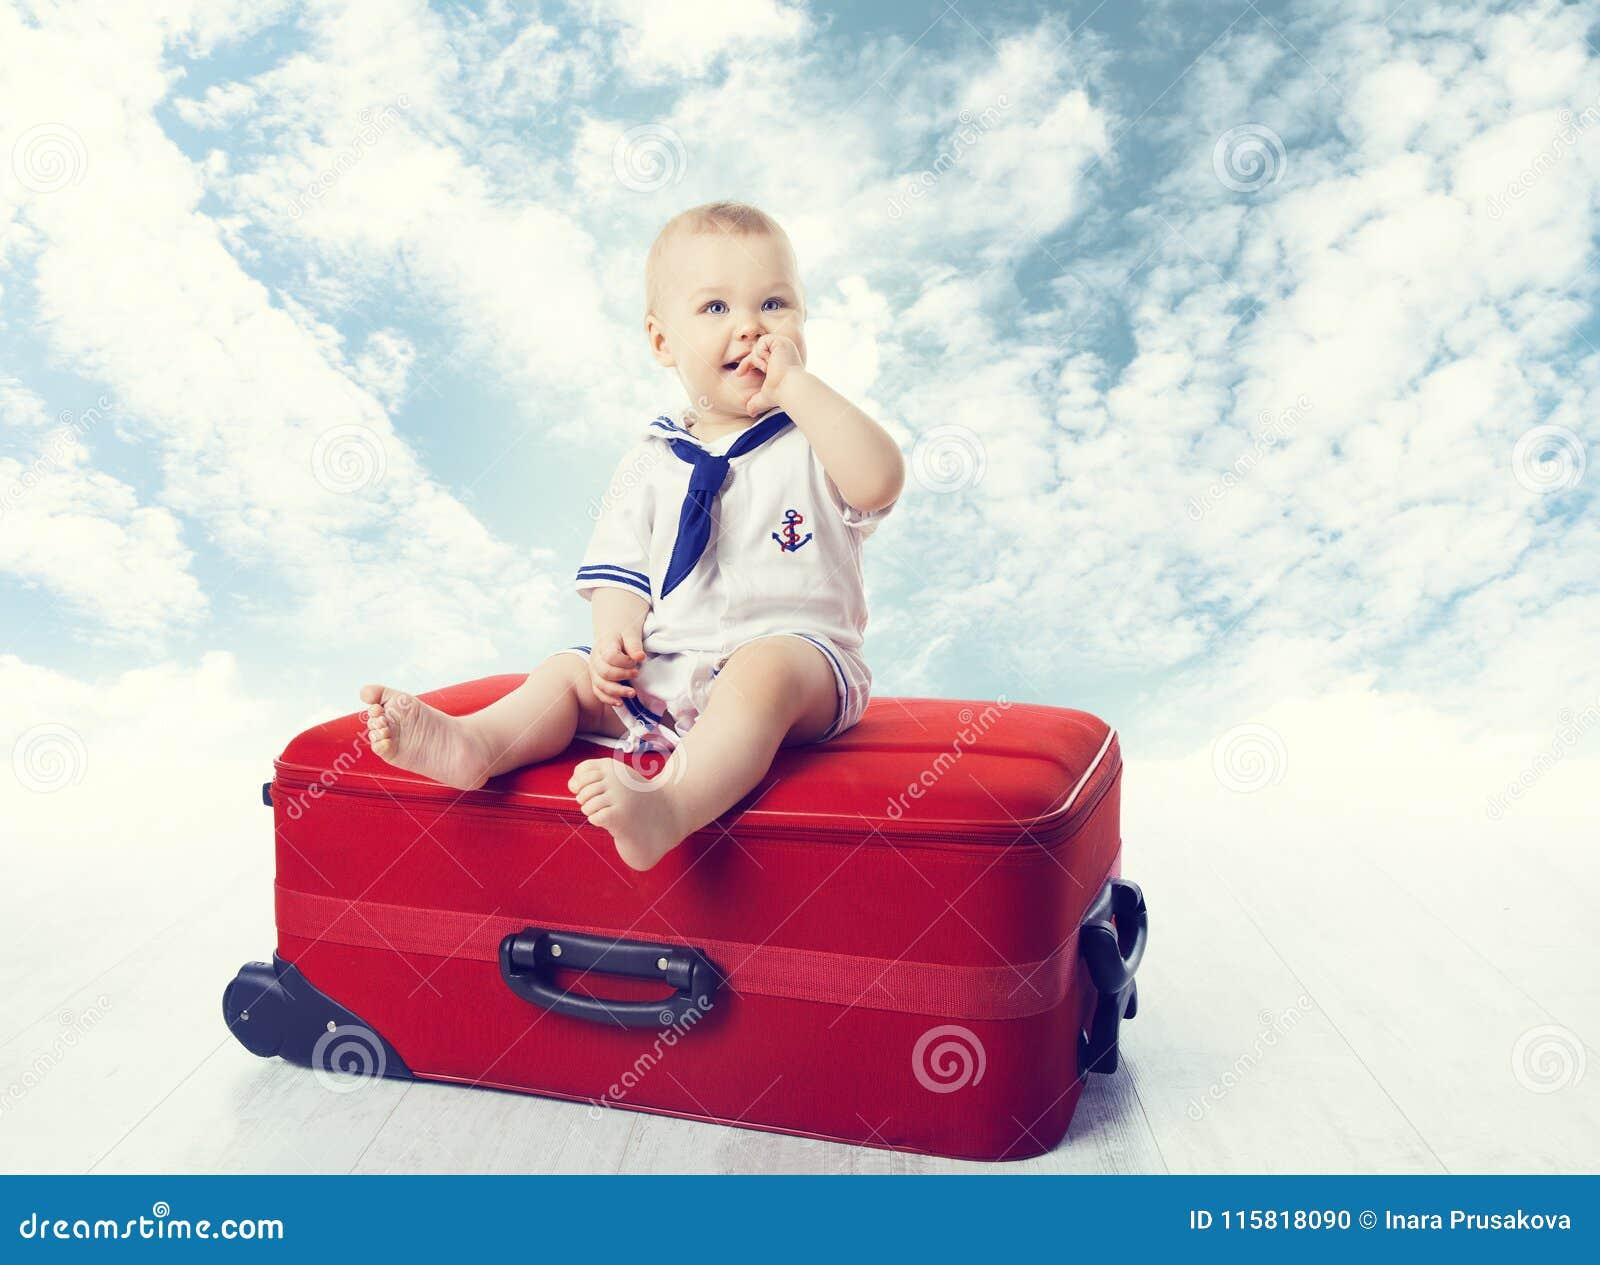 Baby reise koffer kind sitzen auf reisendem gepäck glückliches